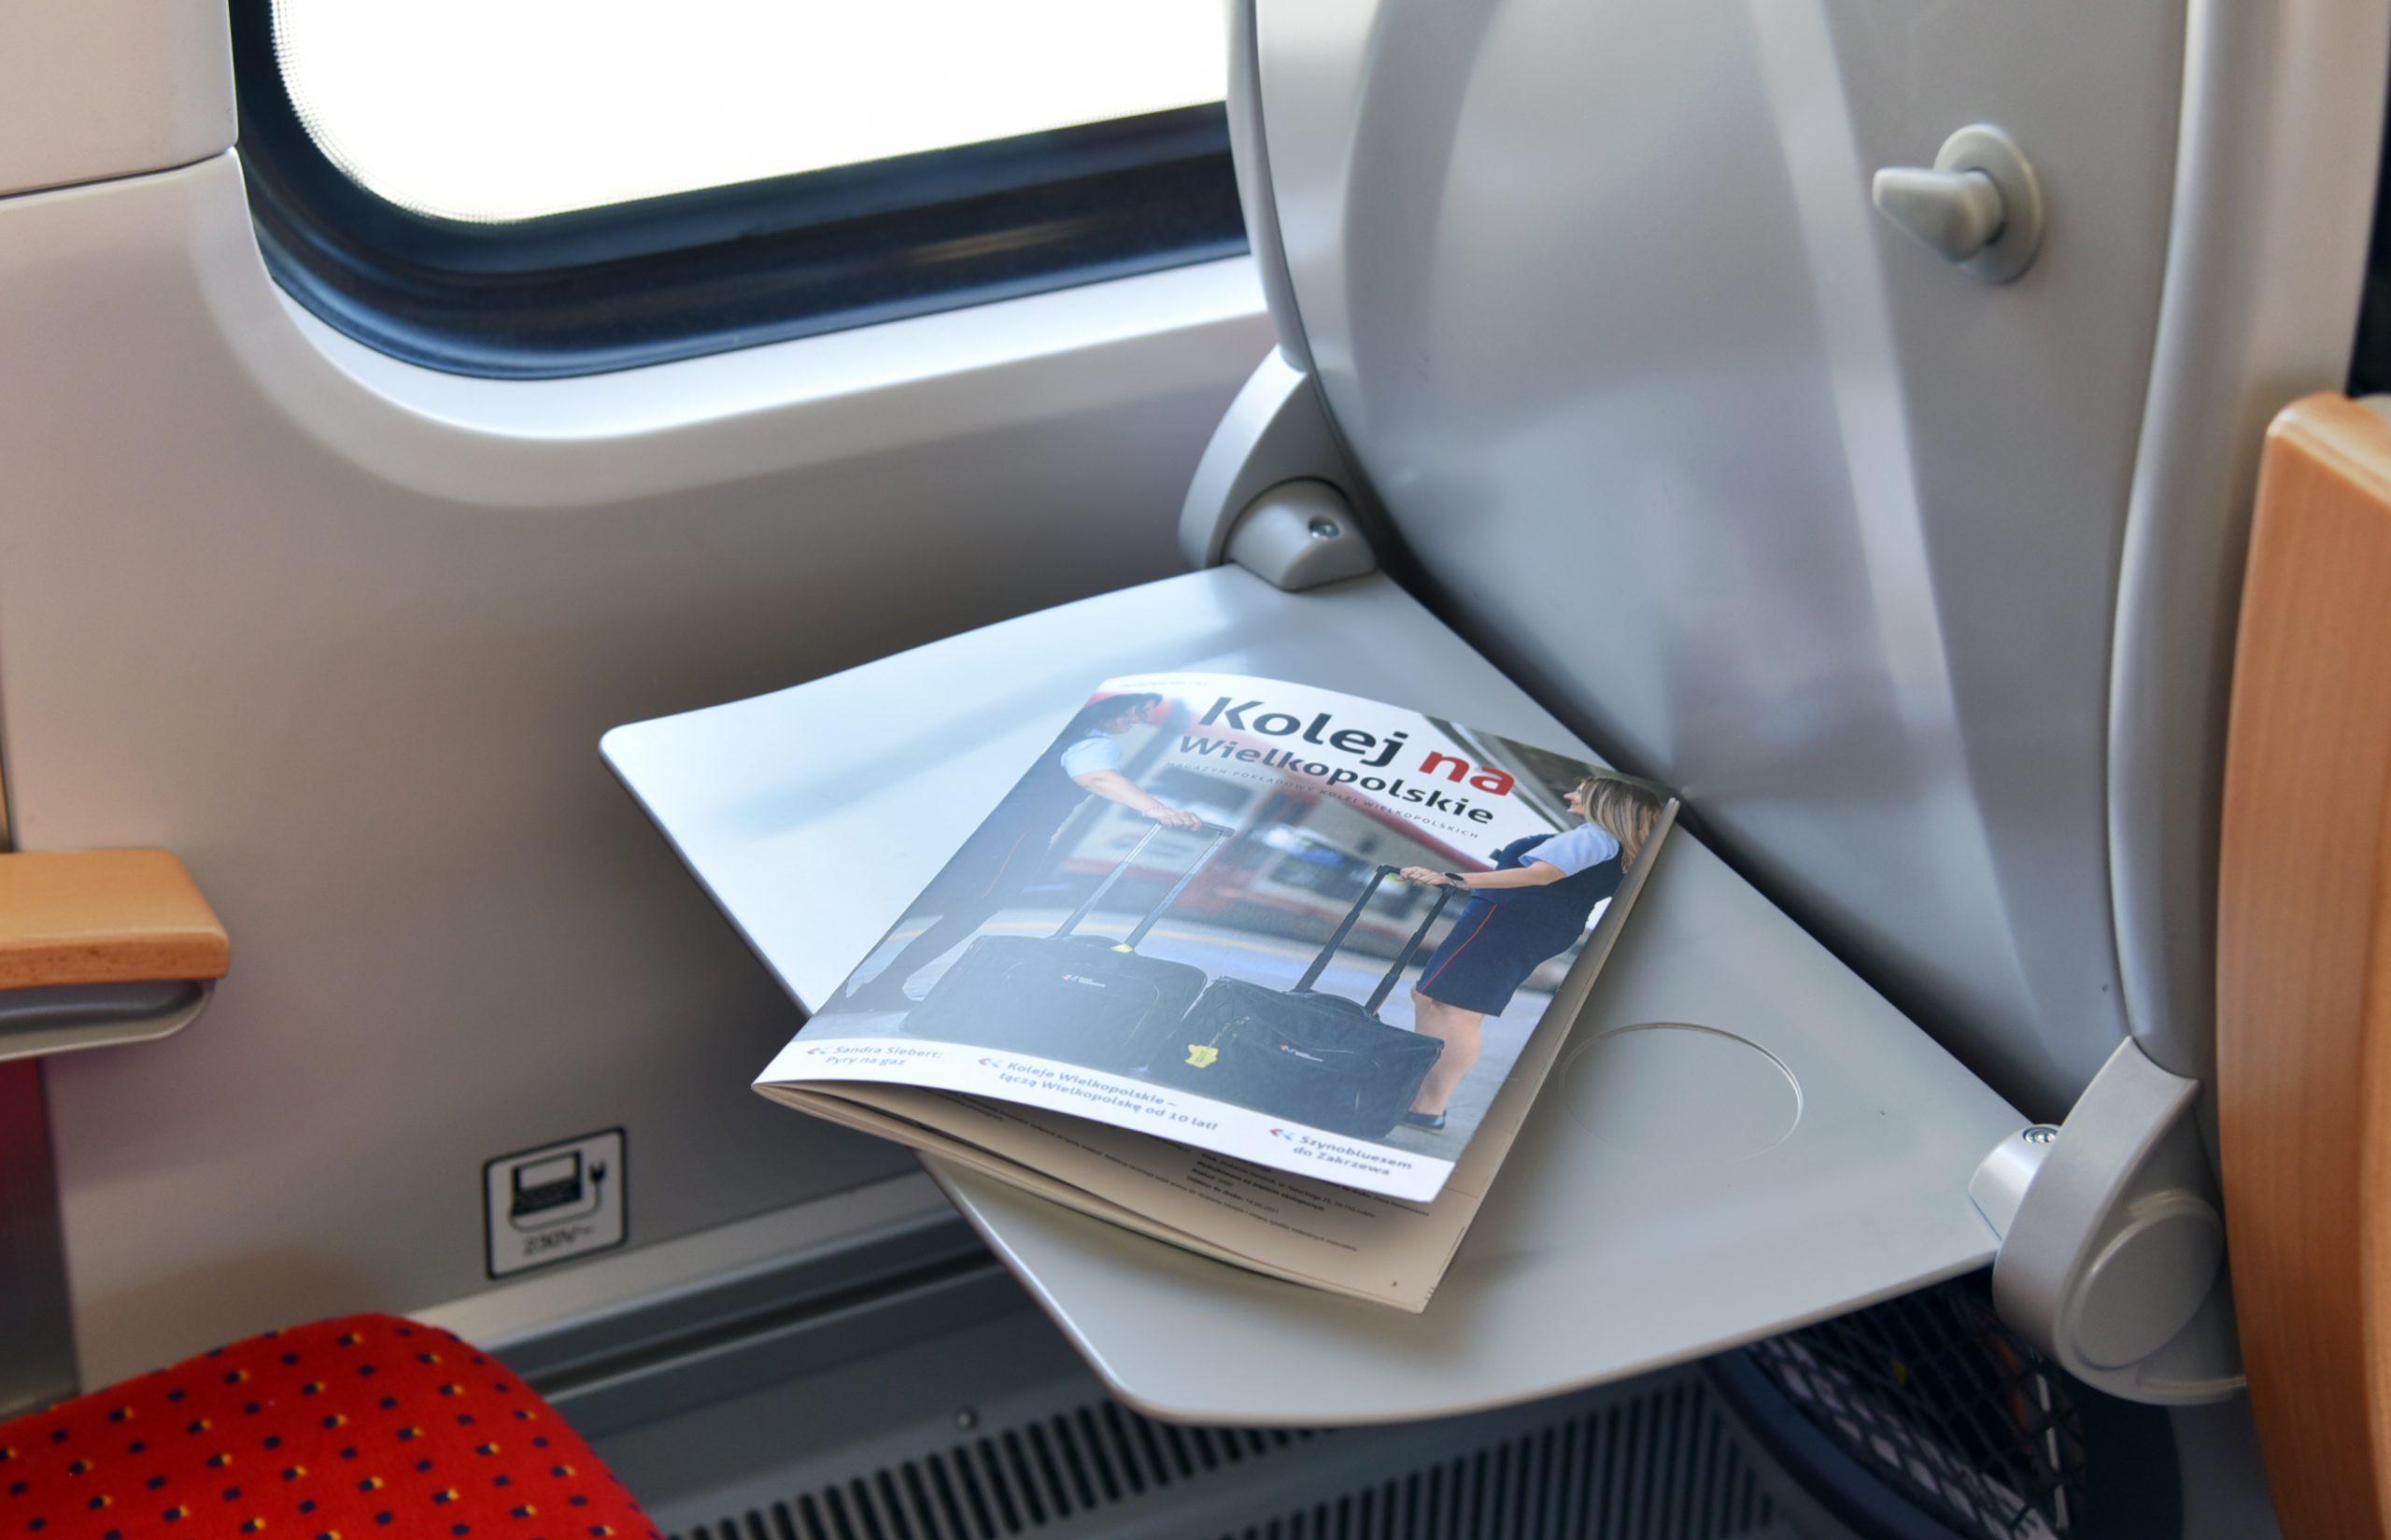 Magazyn pokładowy KW na stoliku w pociągu